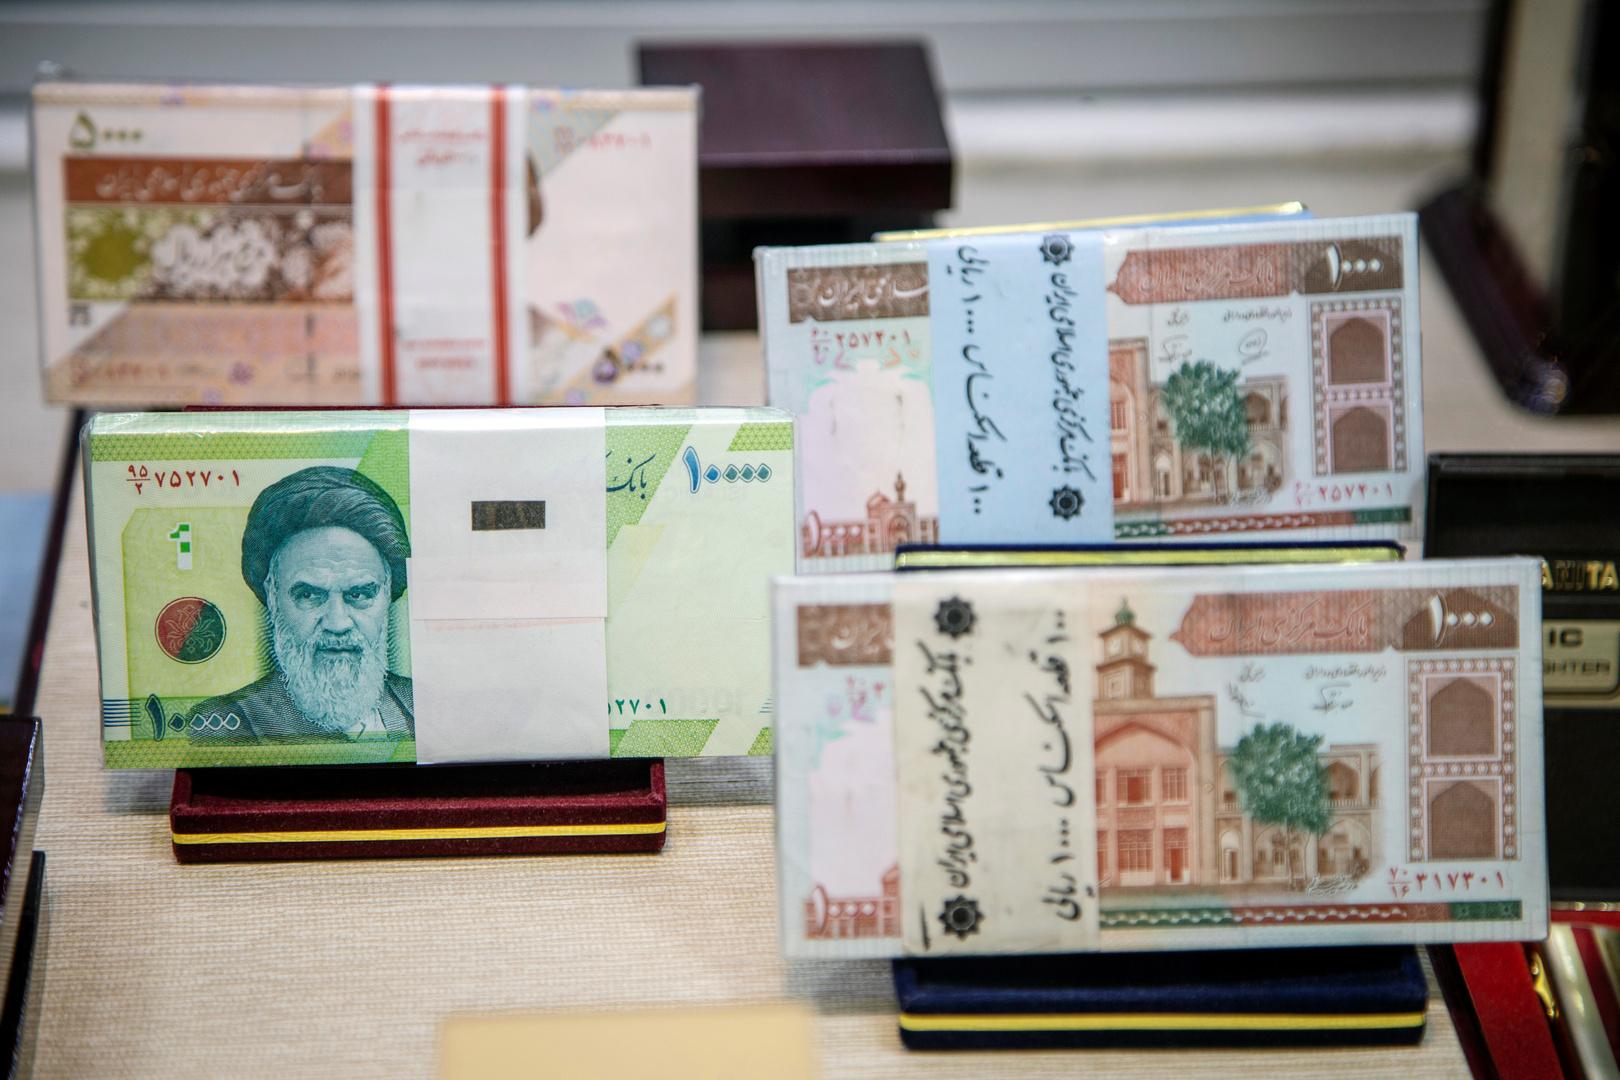 روحاني يتحدث عن أموال إيرانية في الخارج ستدعم الريال